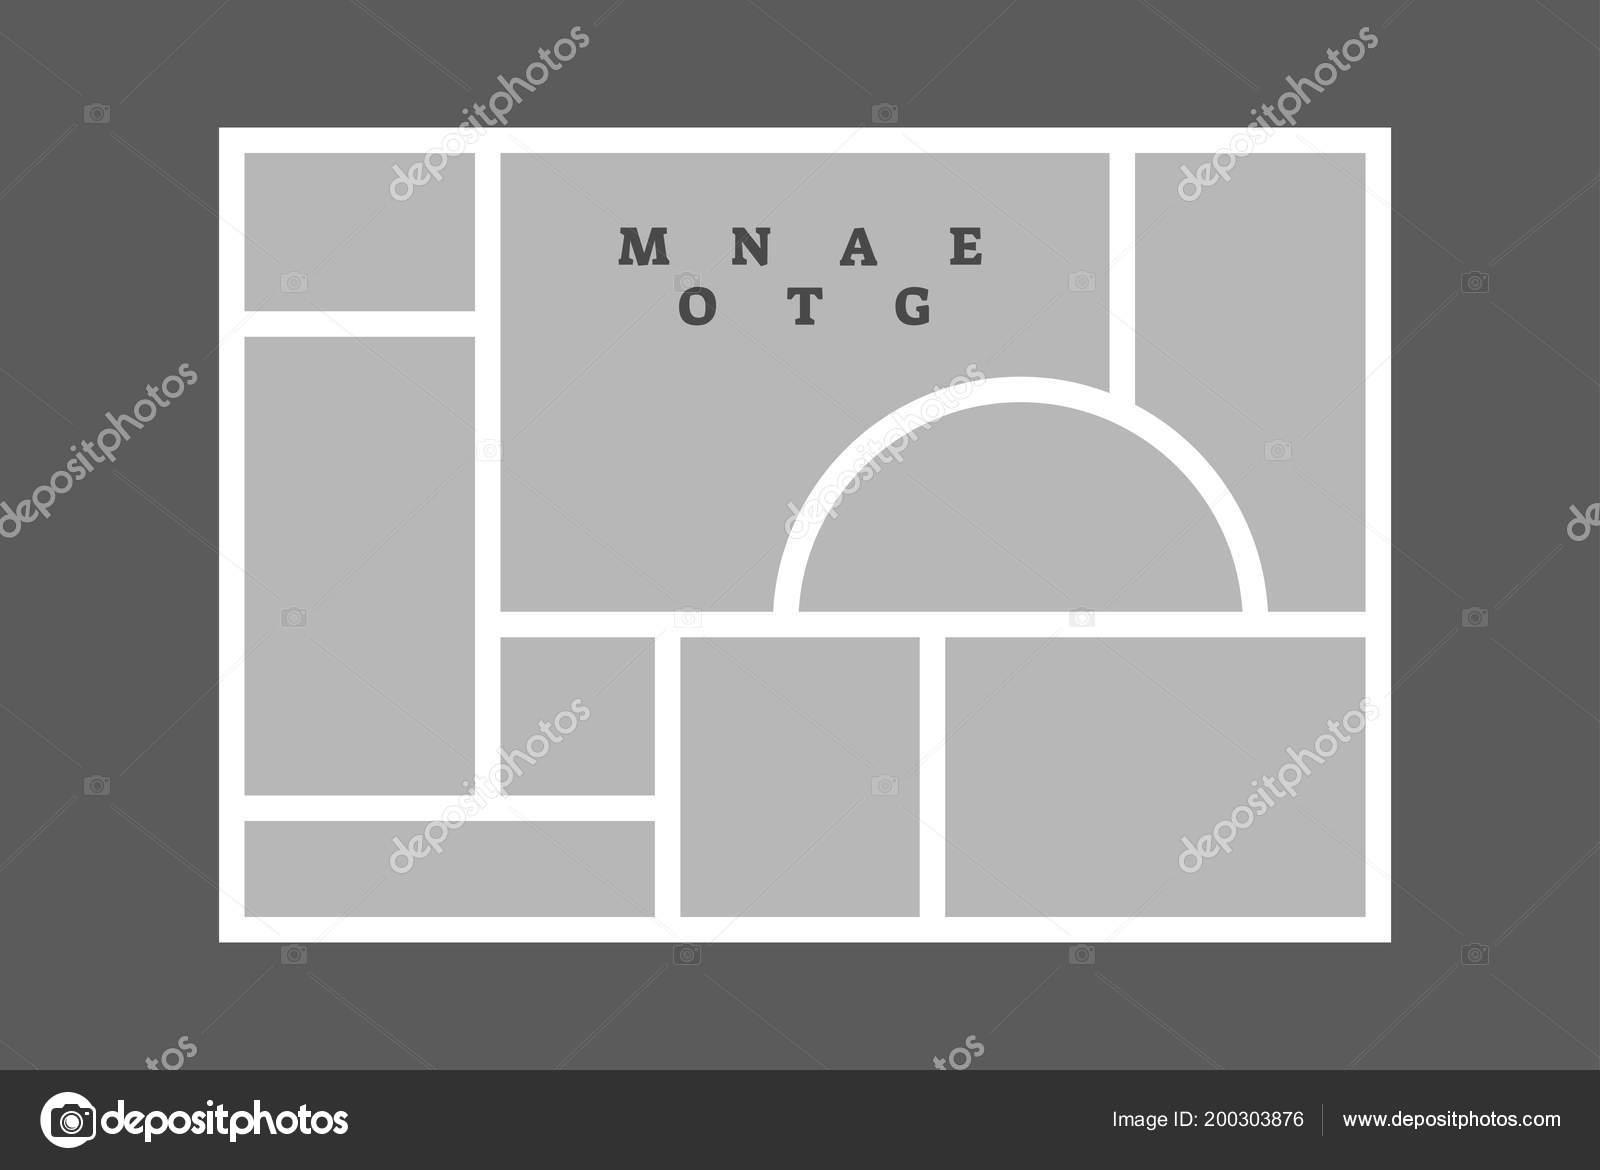 Fotomontaje collage foto marco composición decorativa plantilla en ...